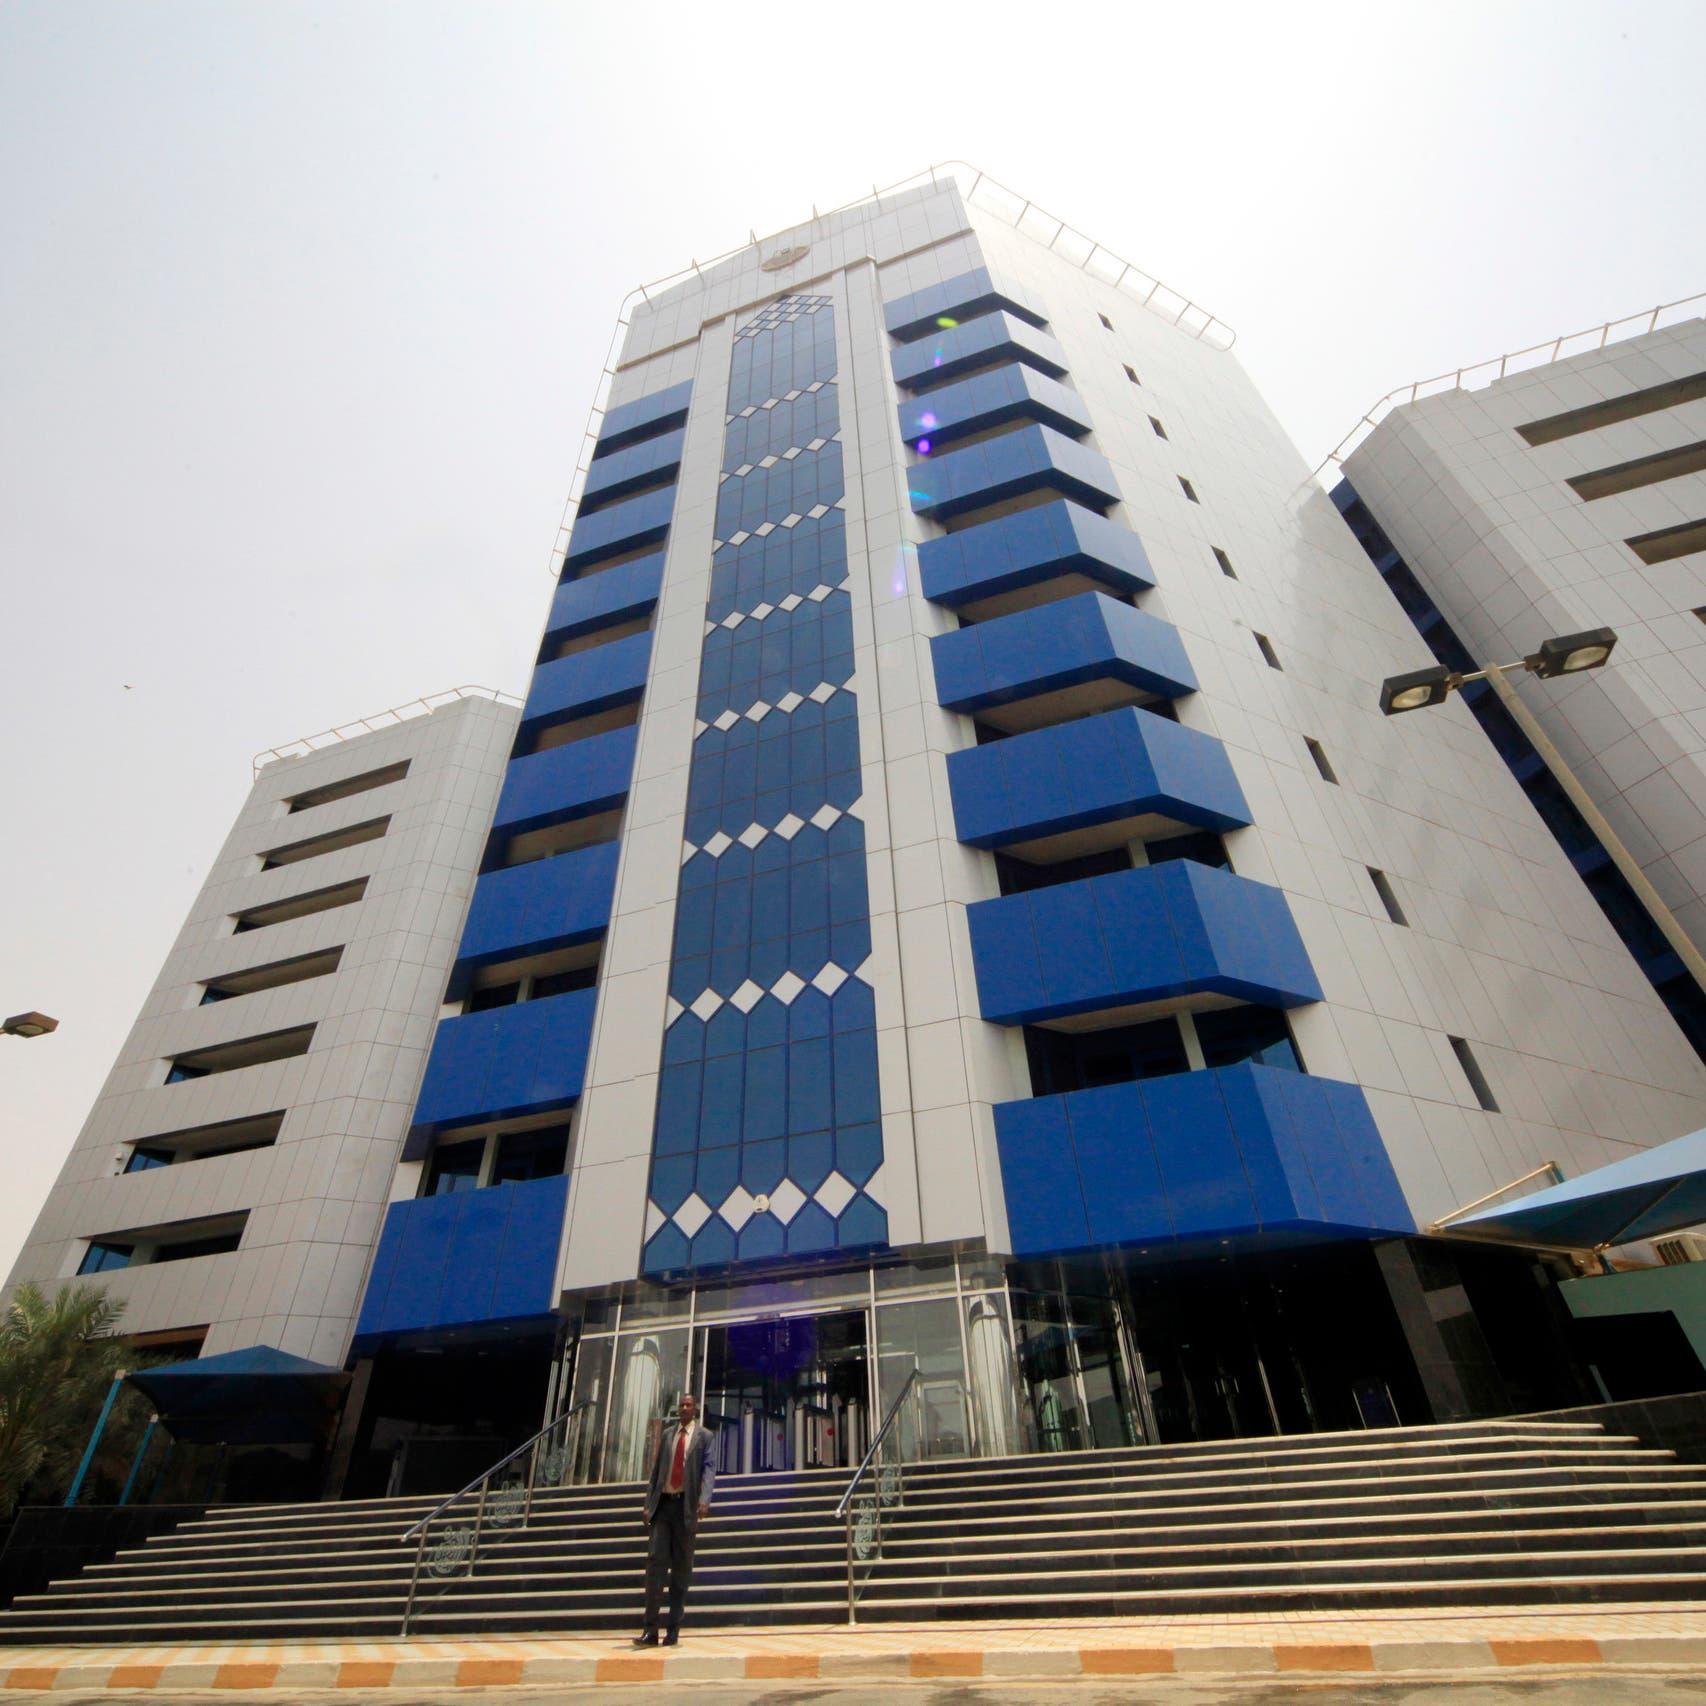 بنك السودان المركزي يوحد سعر الصرف لإنعاش الاقتصاد